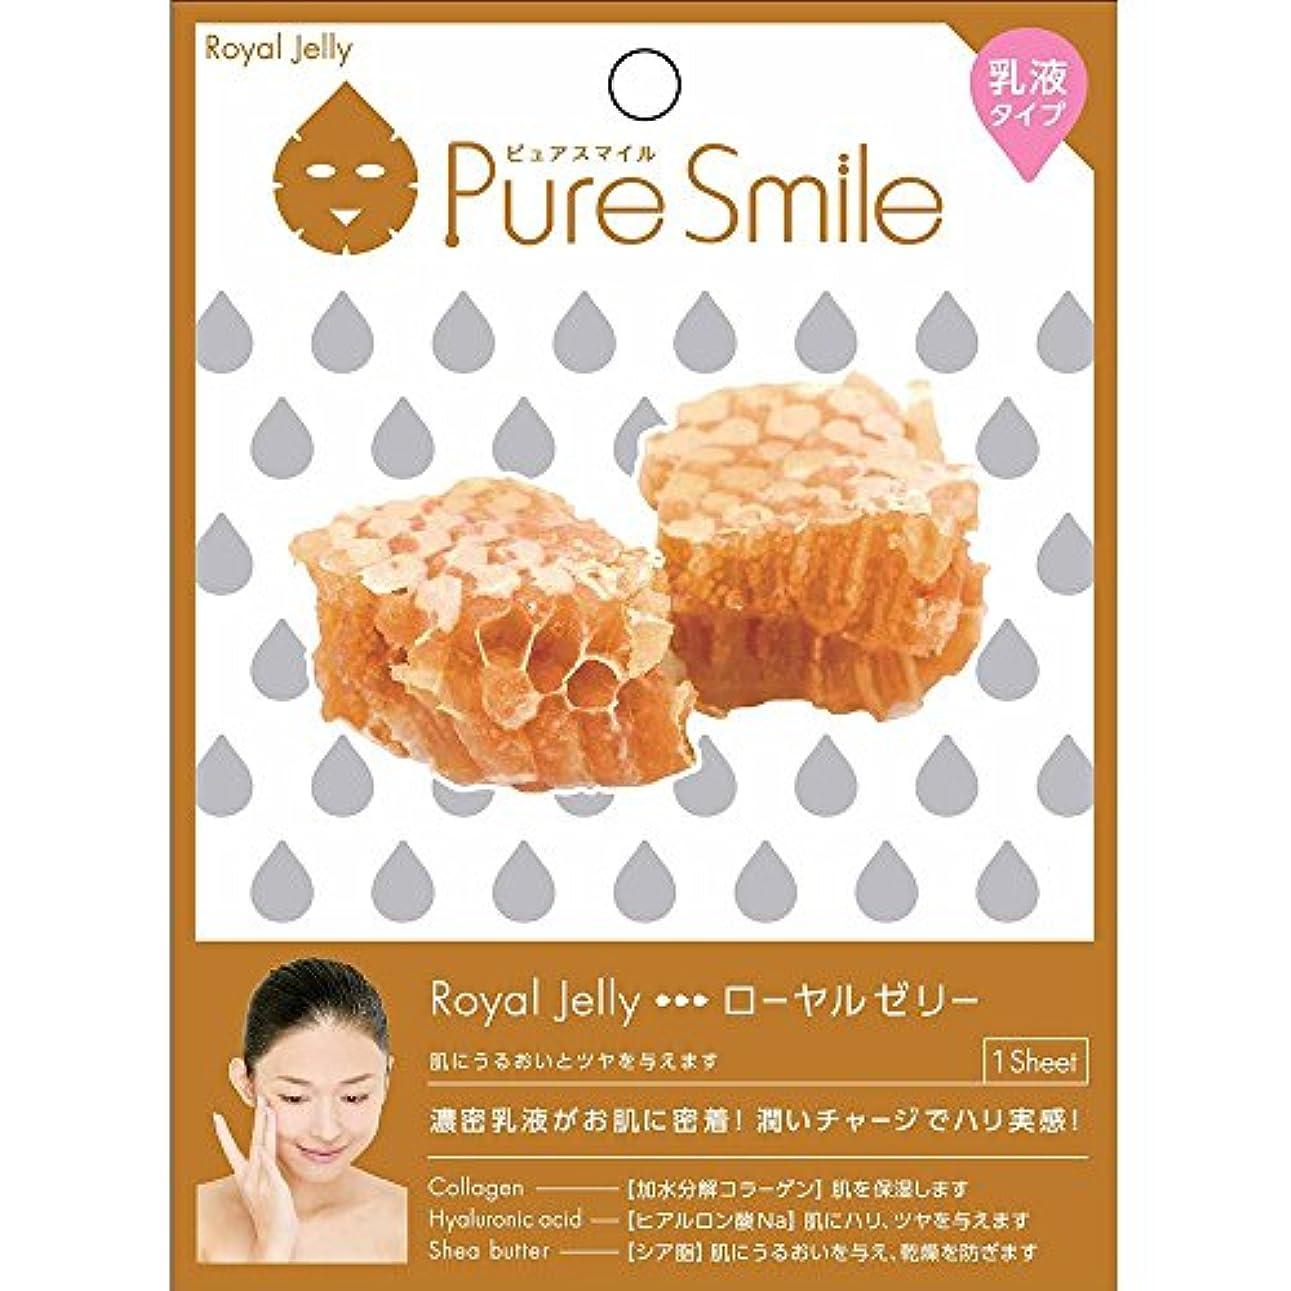 本体痴漢猫背Pure Smile(ピュアスマイル) 乳液エッセンスマスク 1 枚 ローヤルゼリー